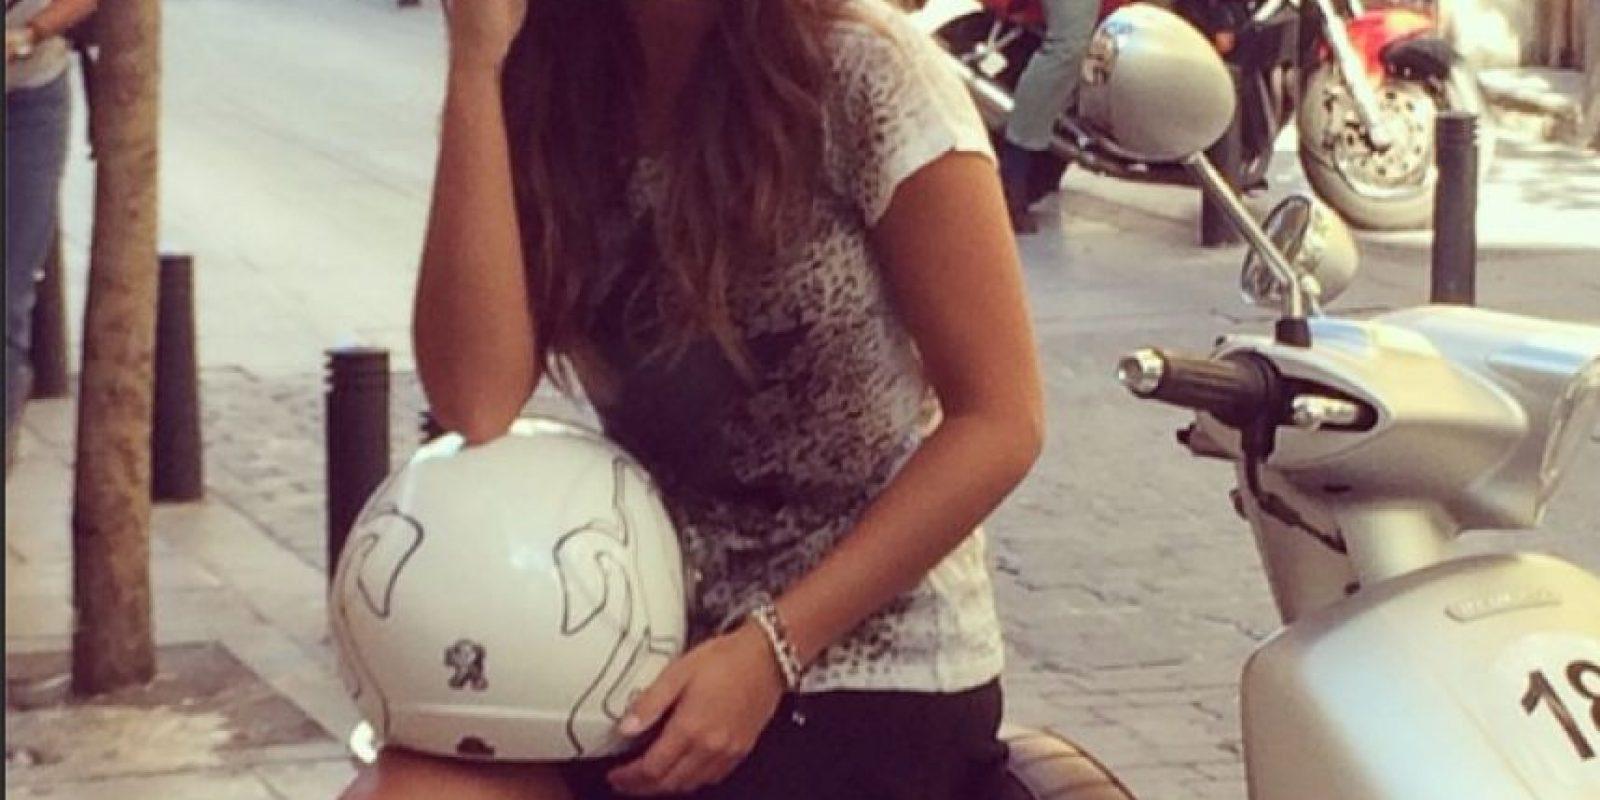 La periodista española ha cubierto el Mundial de MotoGP Foto:Instagram: @laruka